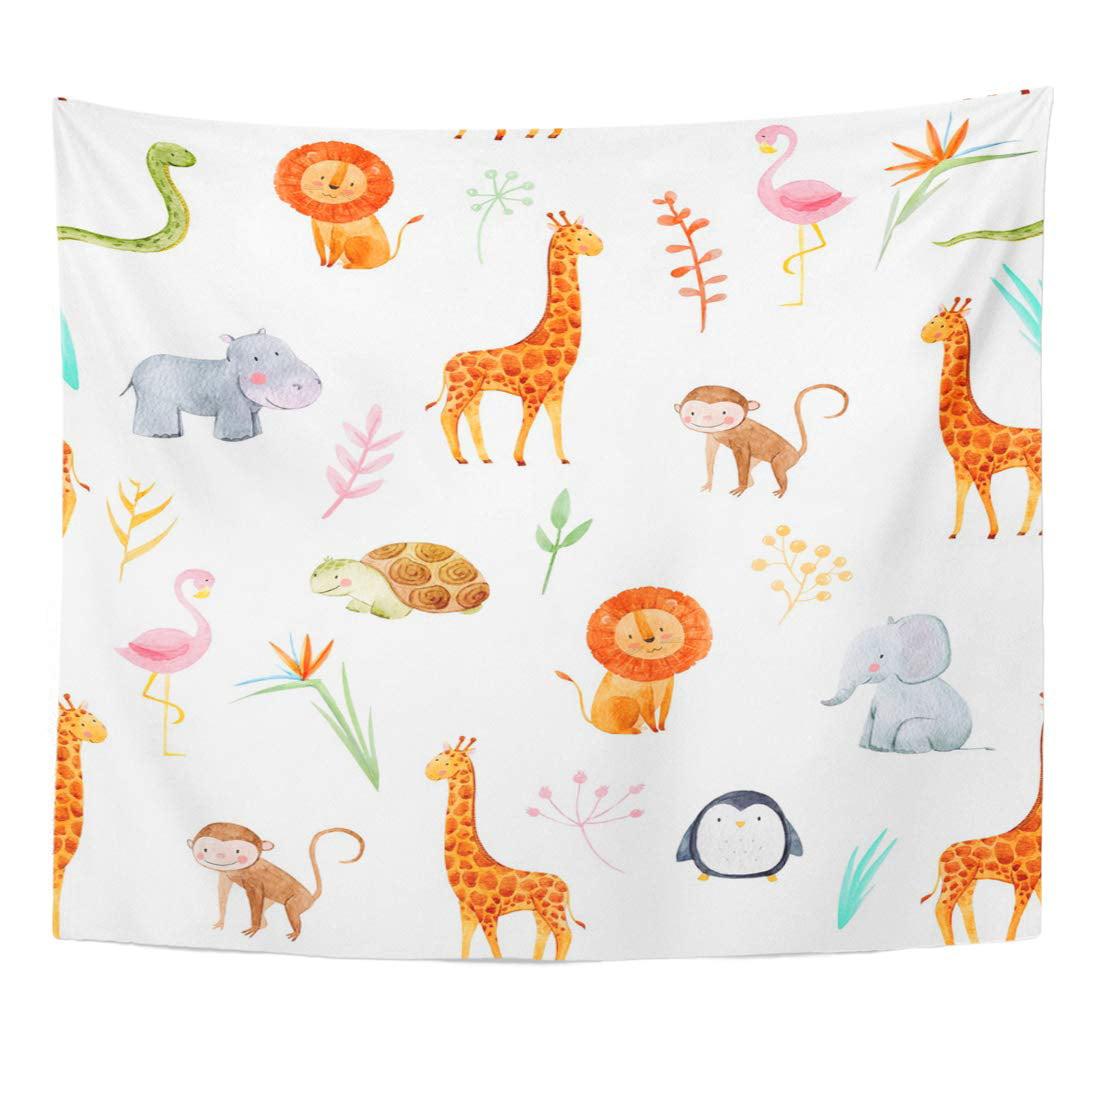 teal chevron monkey lion hippo zebra giraffe jungle animals kids bedroom door sign P2291 Kids Room Gift